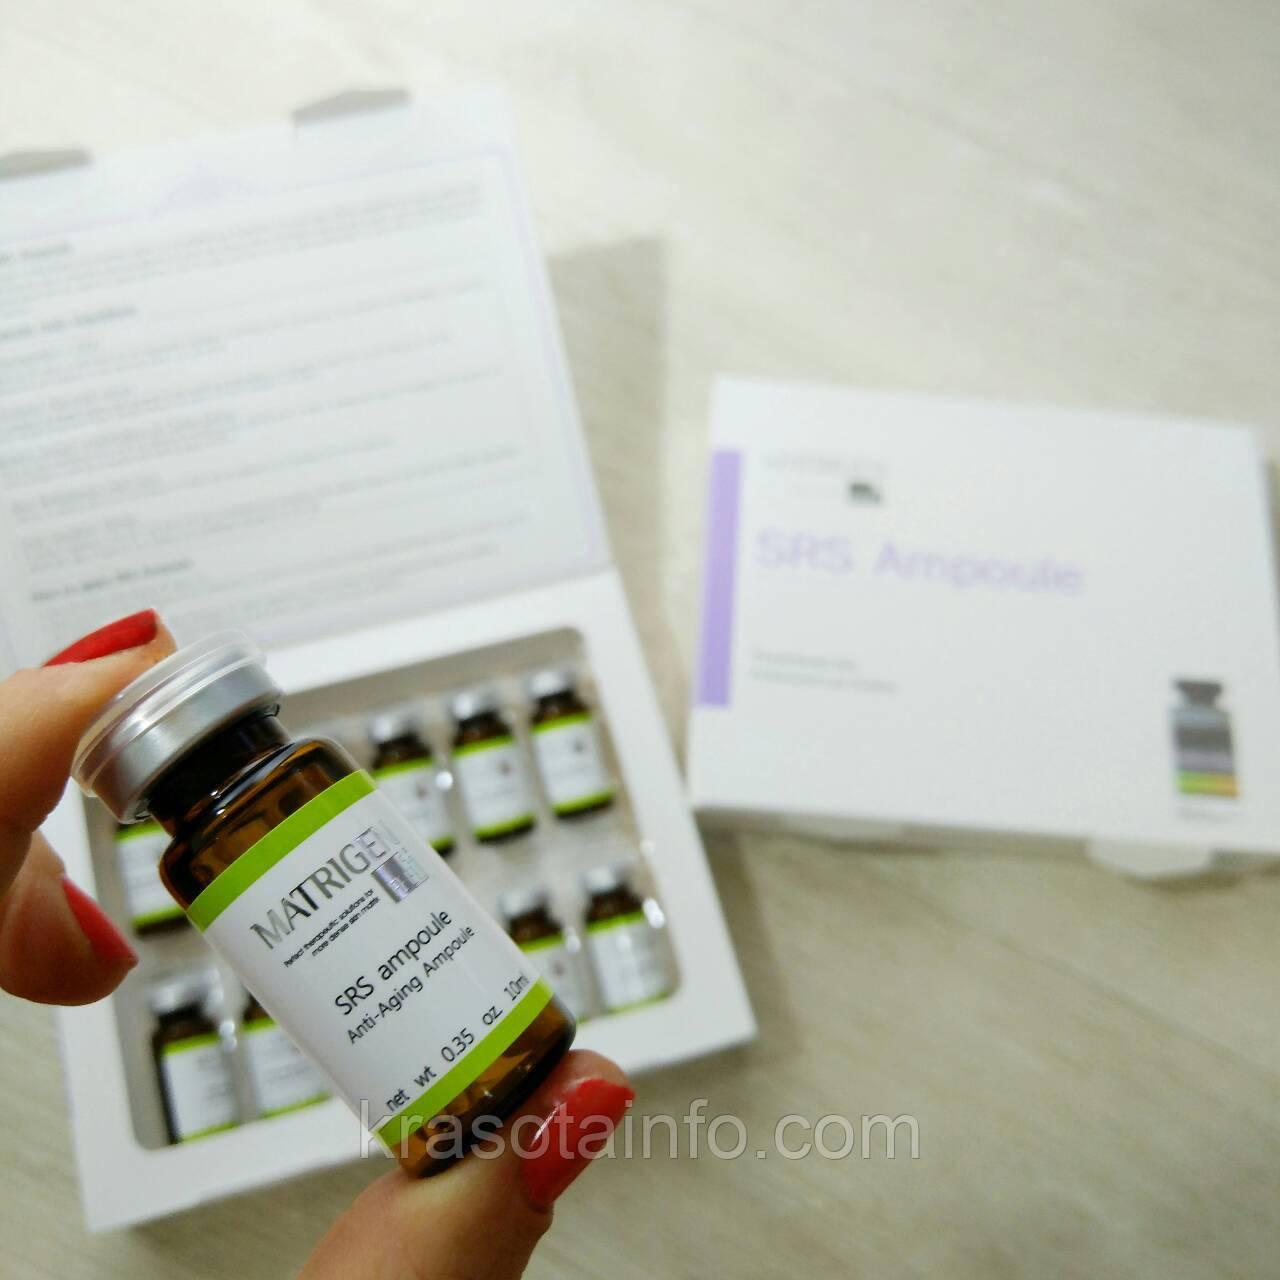 MATRIGEN SRS Anti-Aging Ampoule - антивозрастные, от морщин, дряблости, пигментации Корея, 1ампула, 10 мл